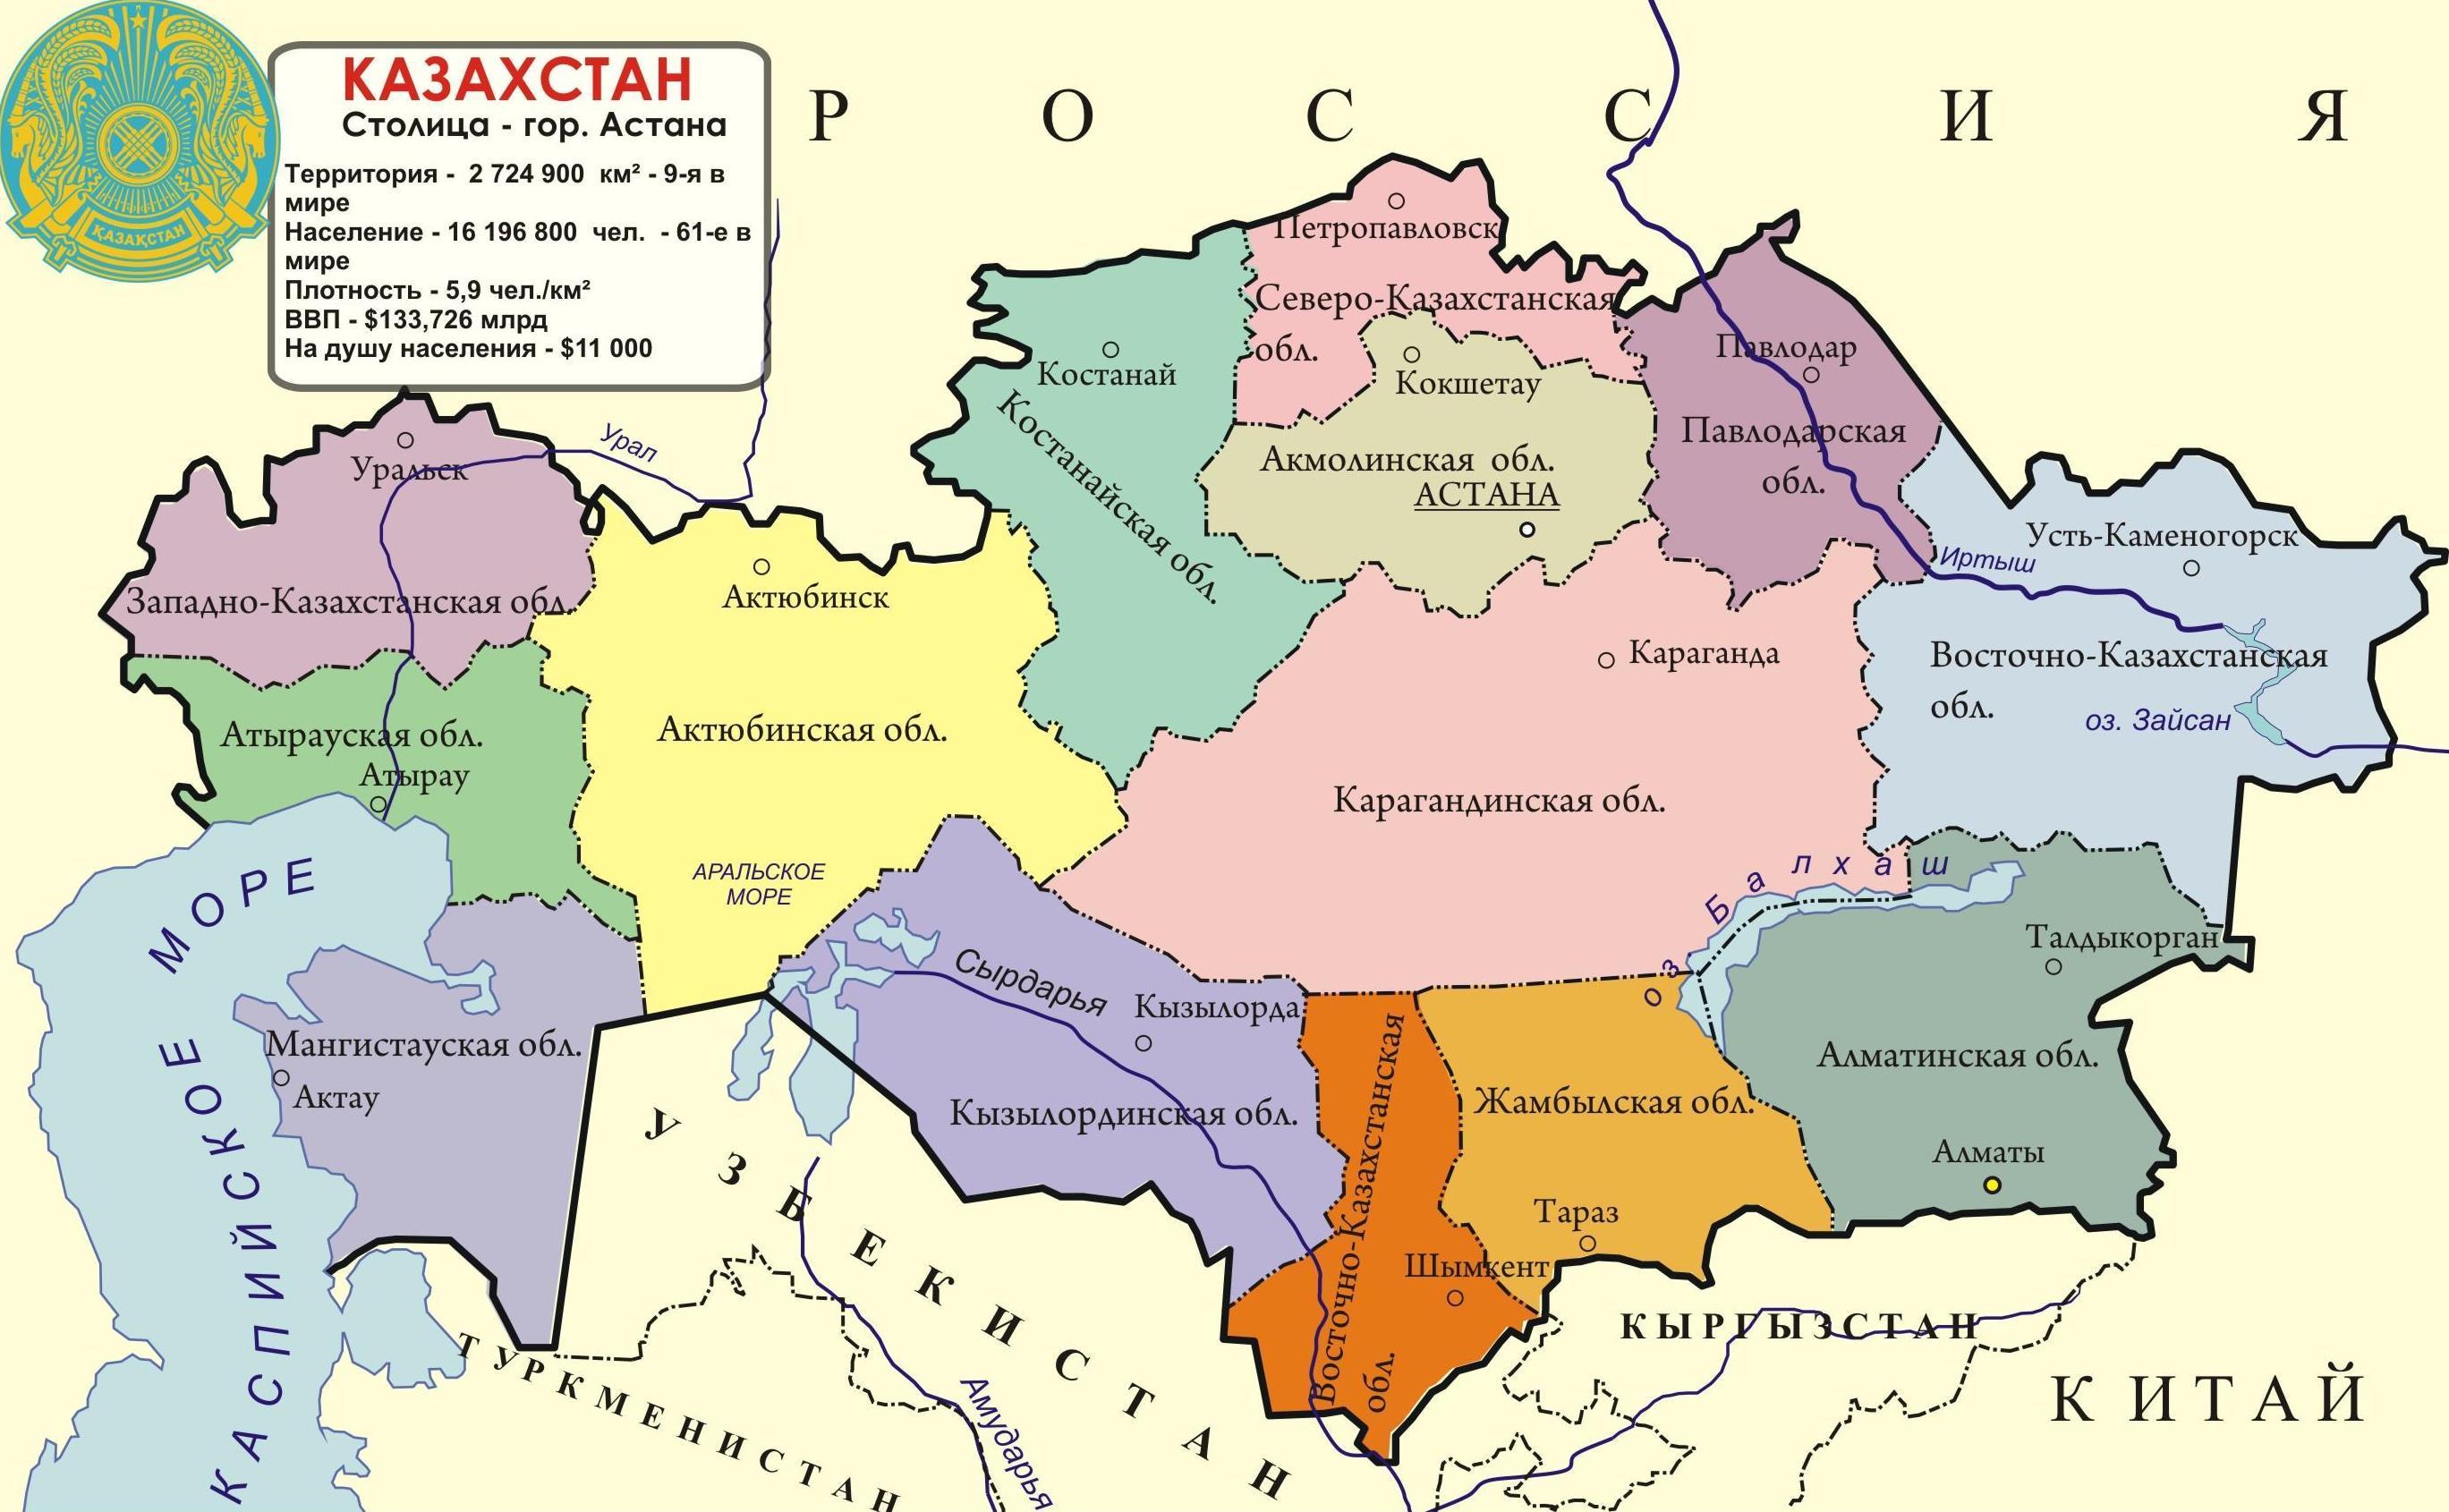 Границы казахстана картинка